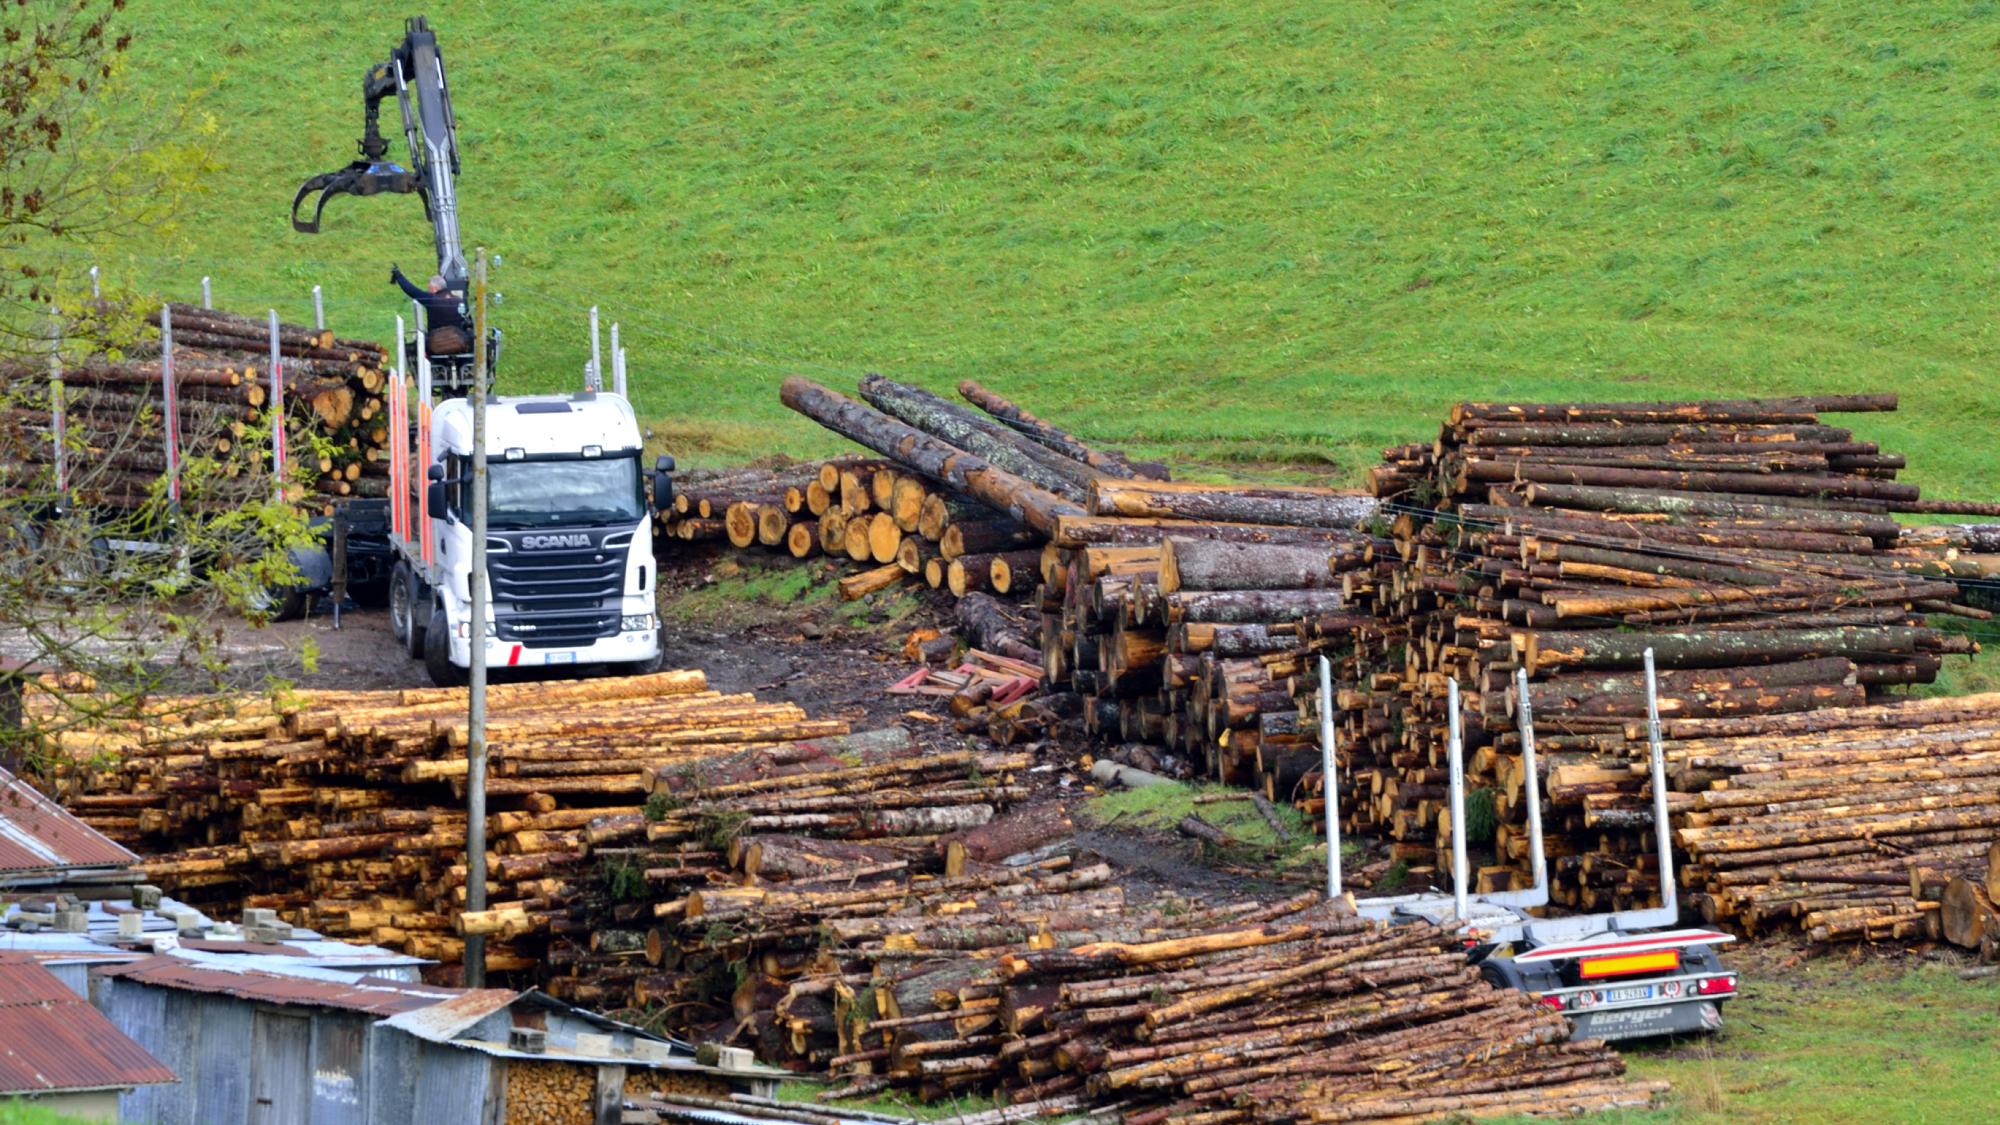 Camion che raccoglie tronchi di alberi